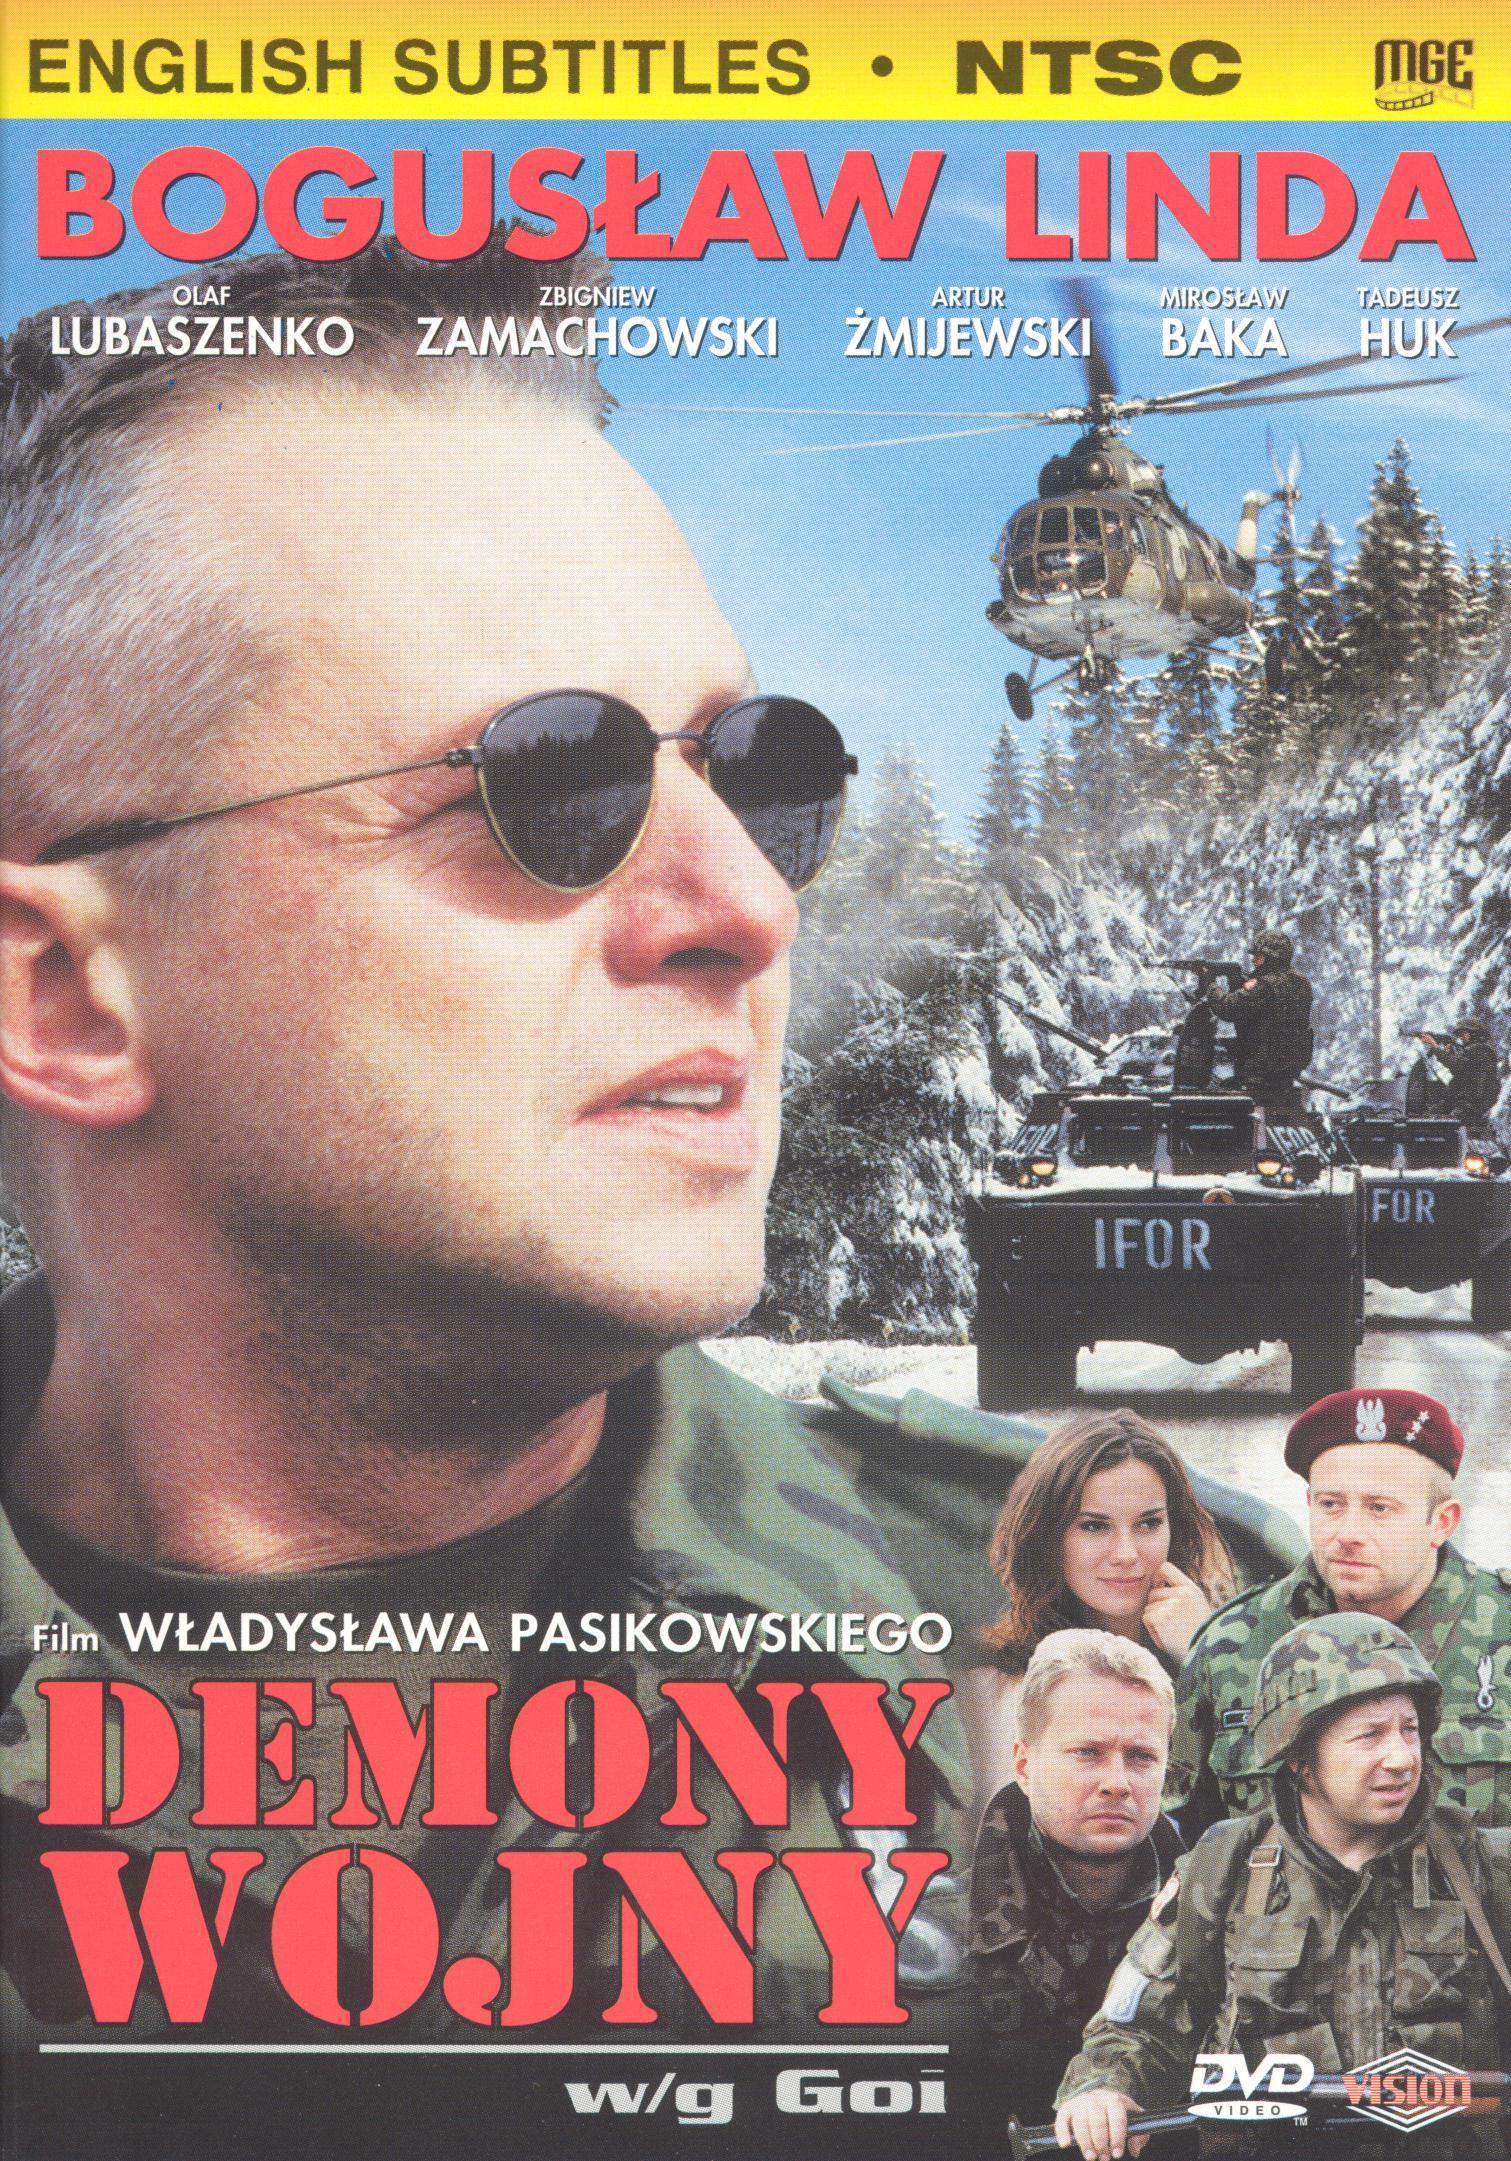 Demony wojny